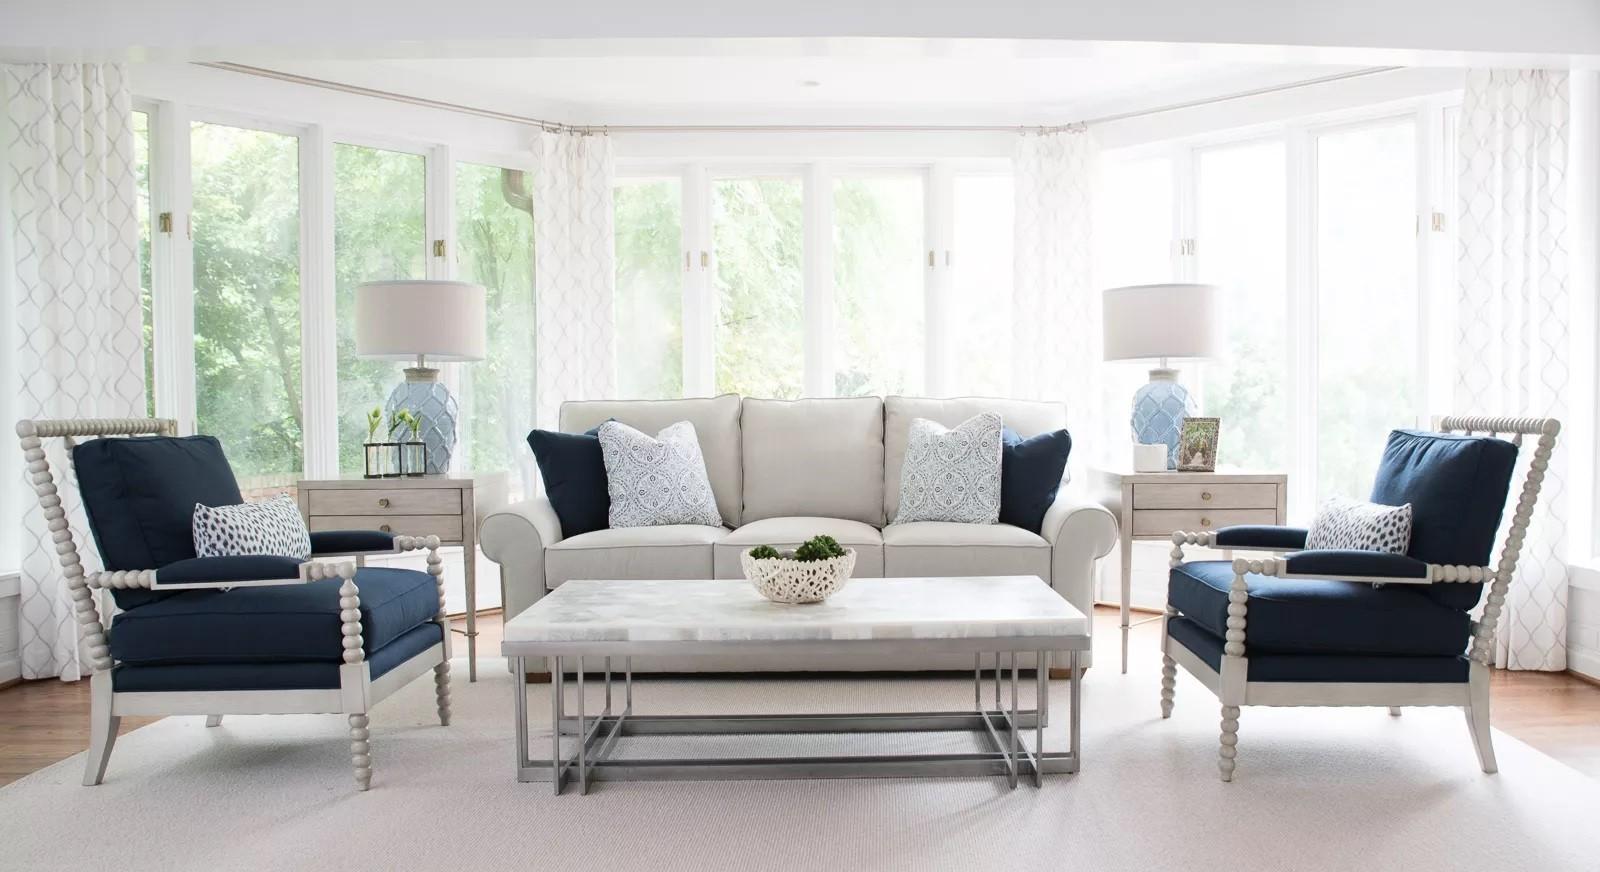 أشكال غرف معيشة مودرن- الستايل العصري الكلاسيكي